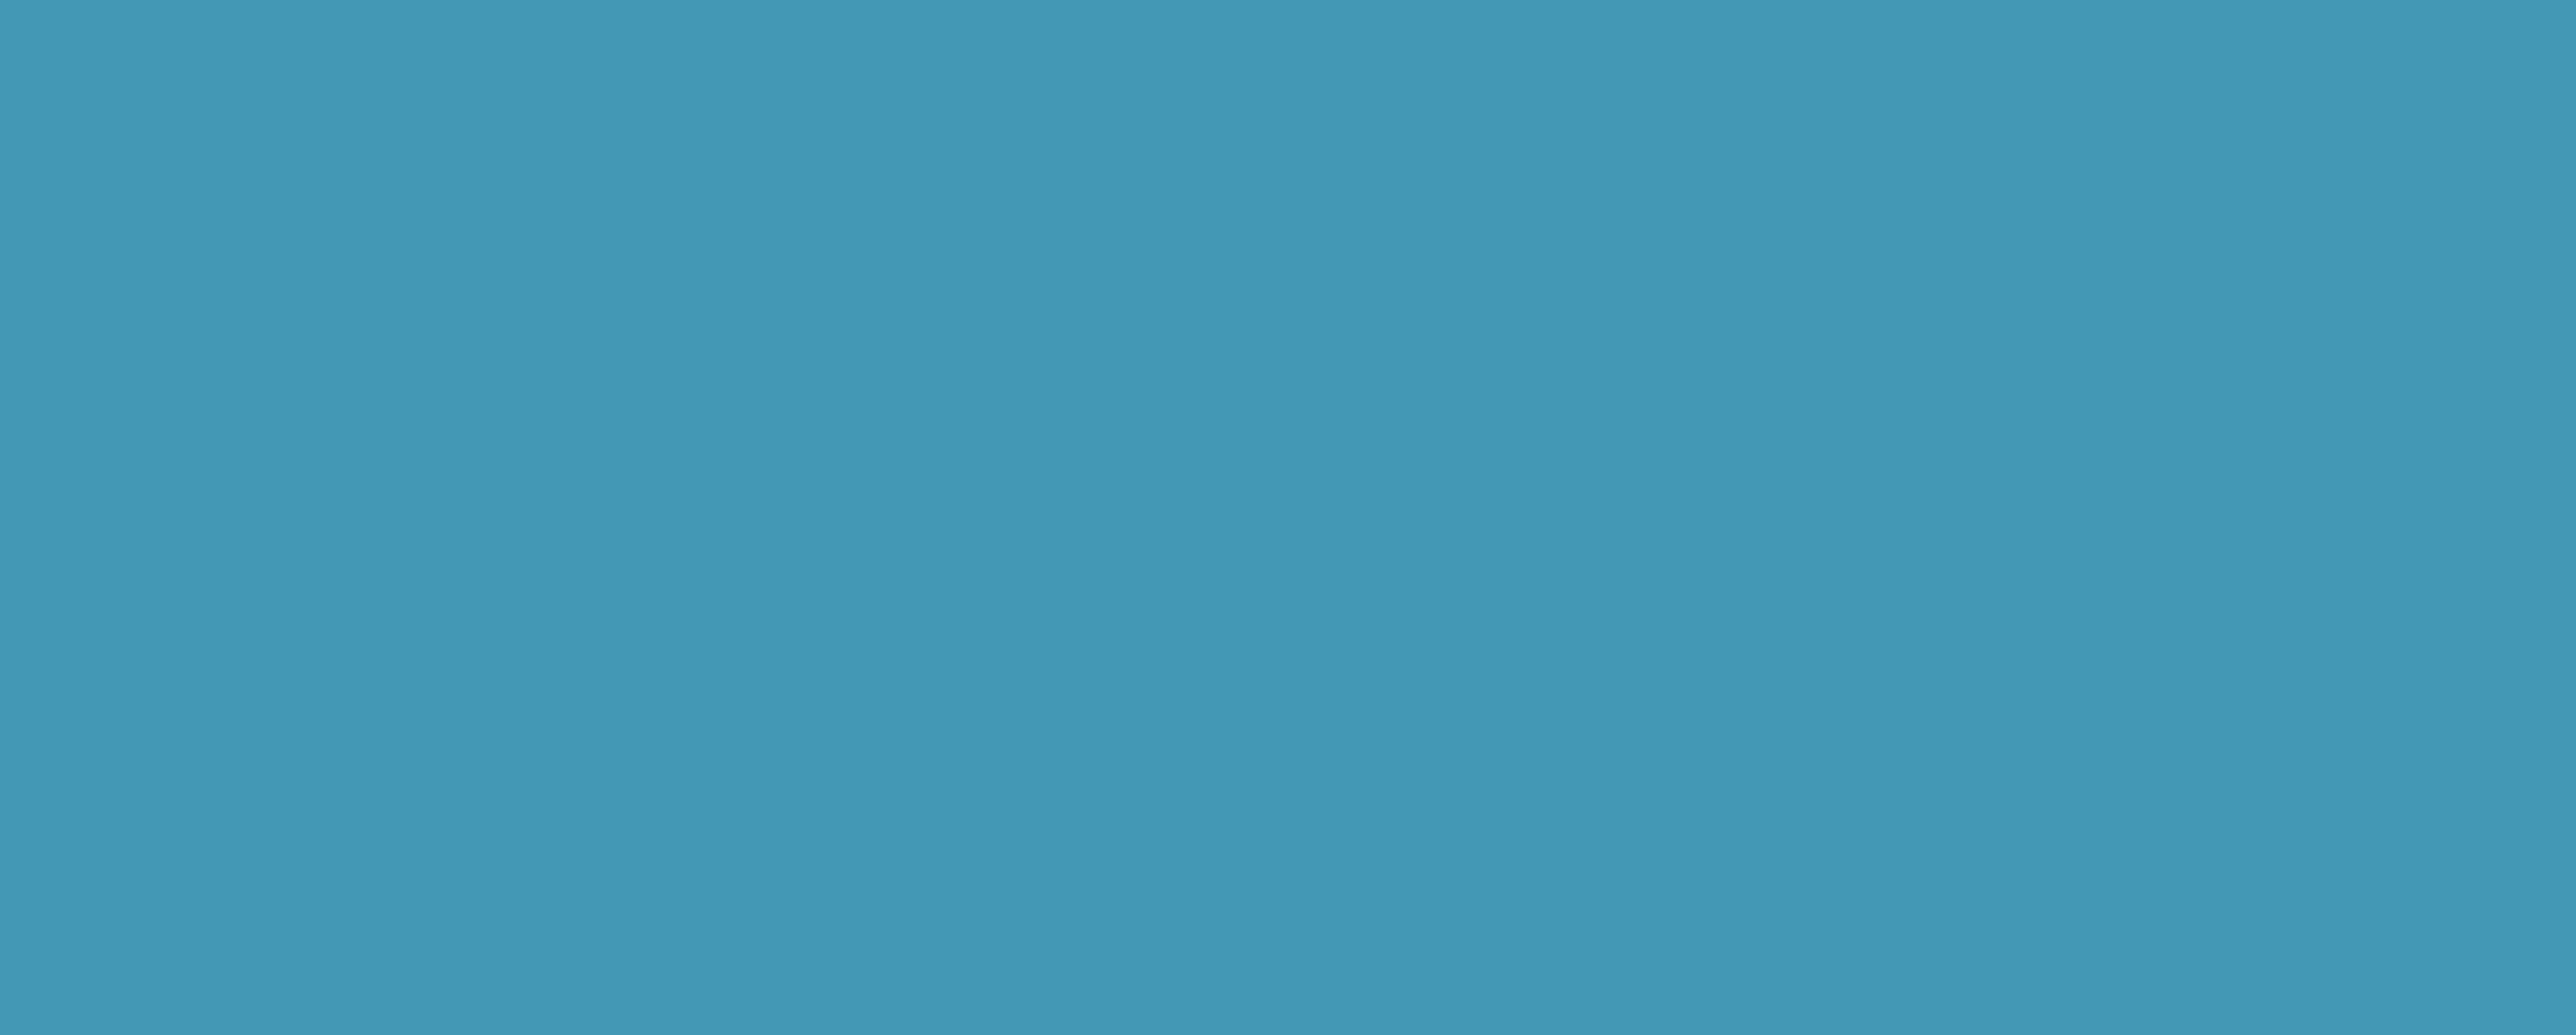 meinUnterricht.de | Unterrichtsmaterial & Arbeitsblätter online